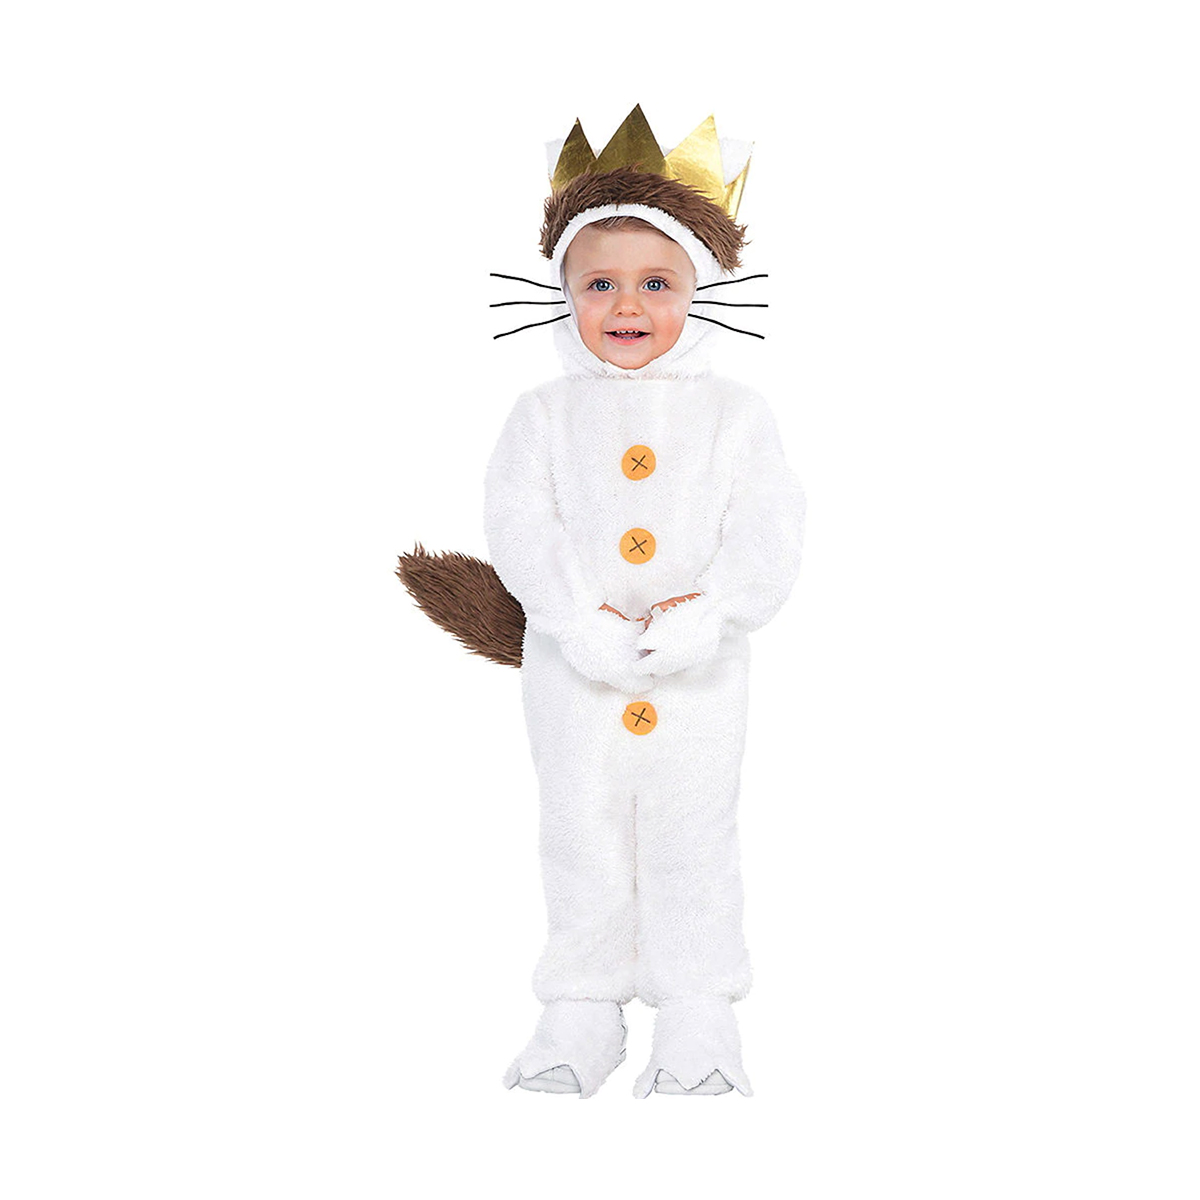 ハロウィン かいじゅうたちのいるところ マックス 赤ちゃん 幼児 ベビー服 コスチューム コスプレ 着ぐるみ 衣装 映画 絵本 キャラクター Where the Wild Things are